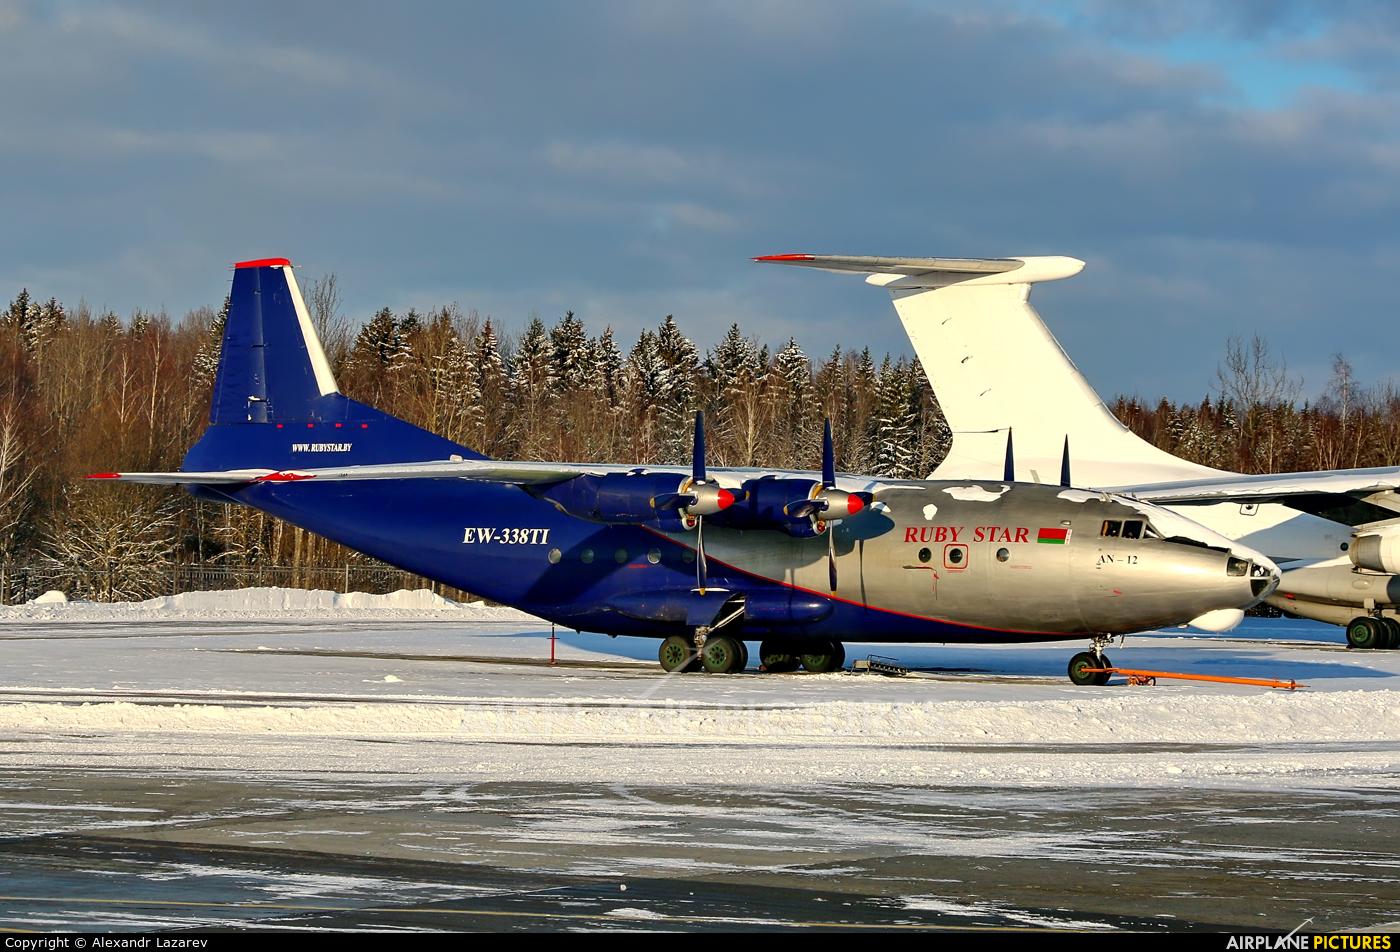 Ruby Star Air Enterprise EW-338TI aircraft at Minsk Intl